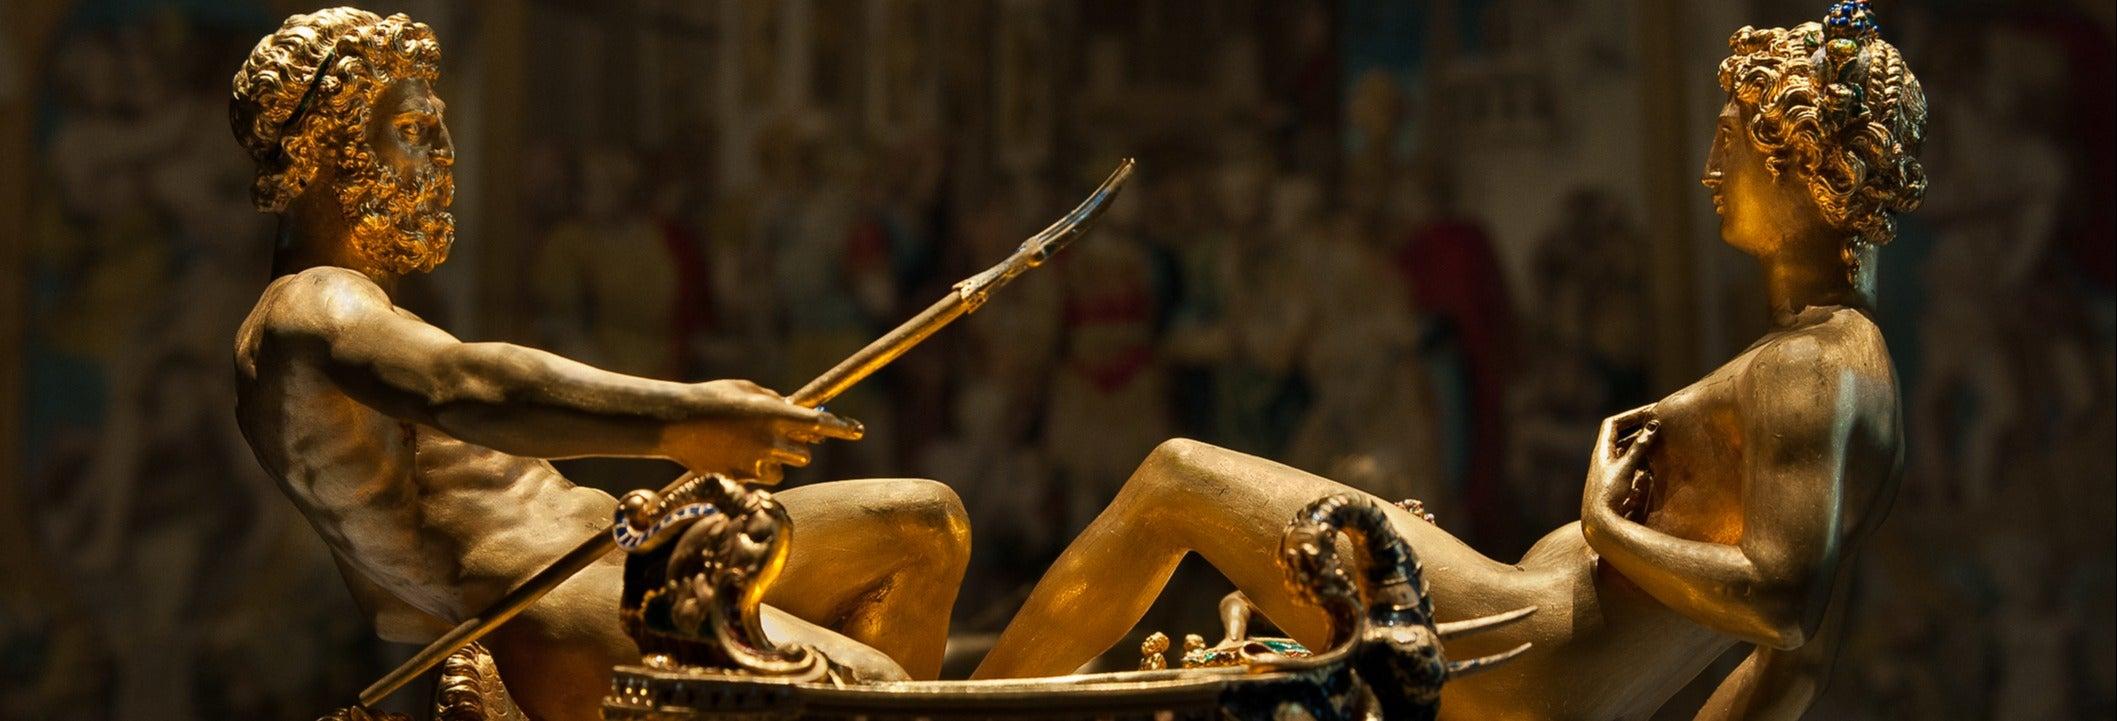 Biglietti per il Kunsthistorisches Museum